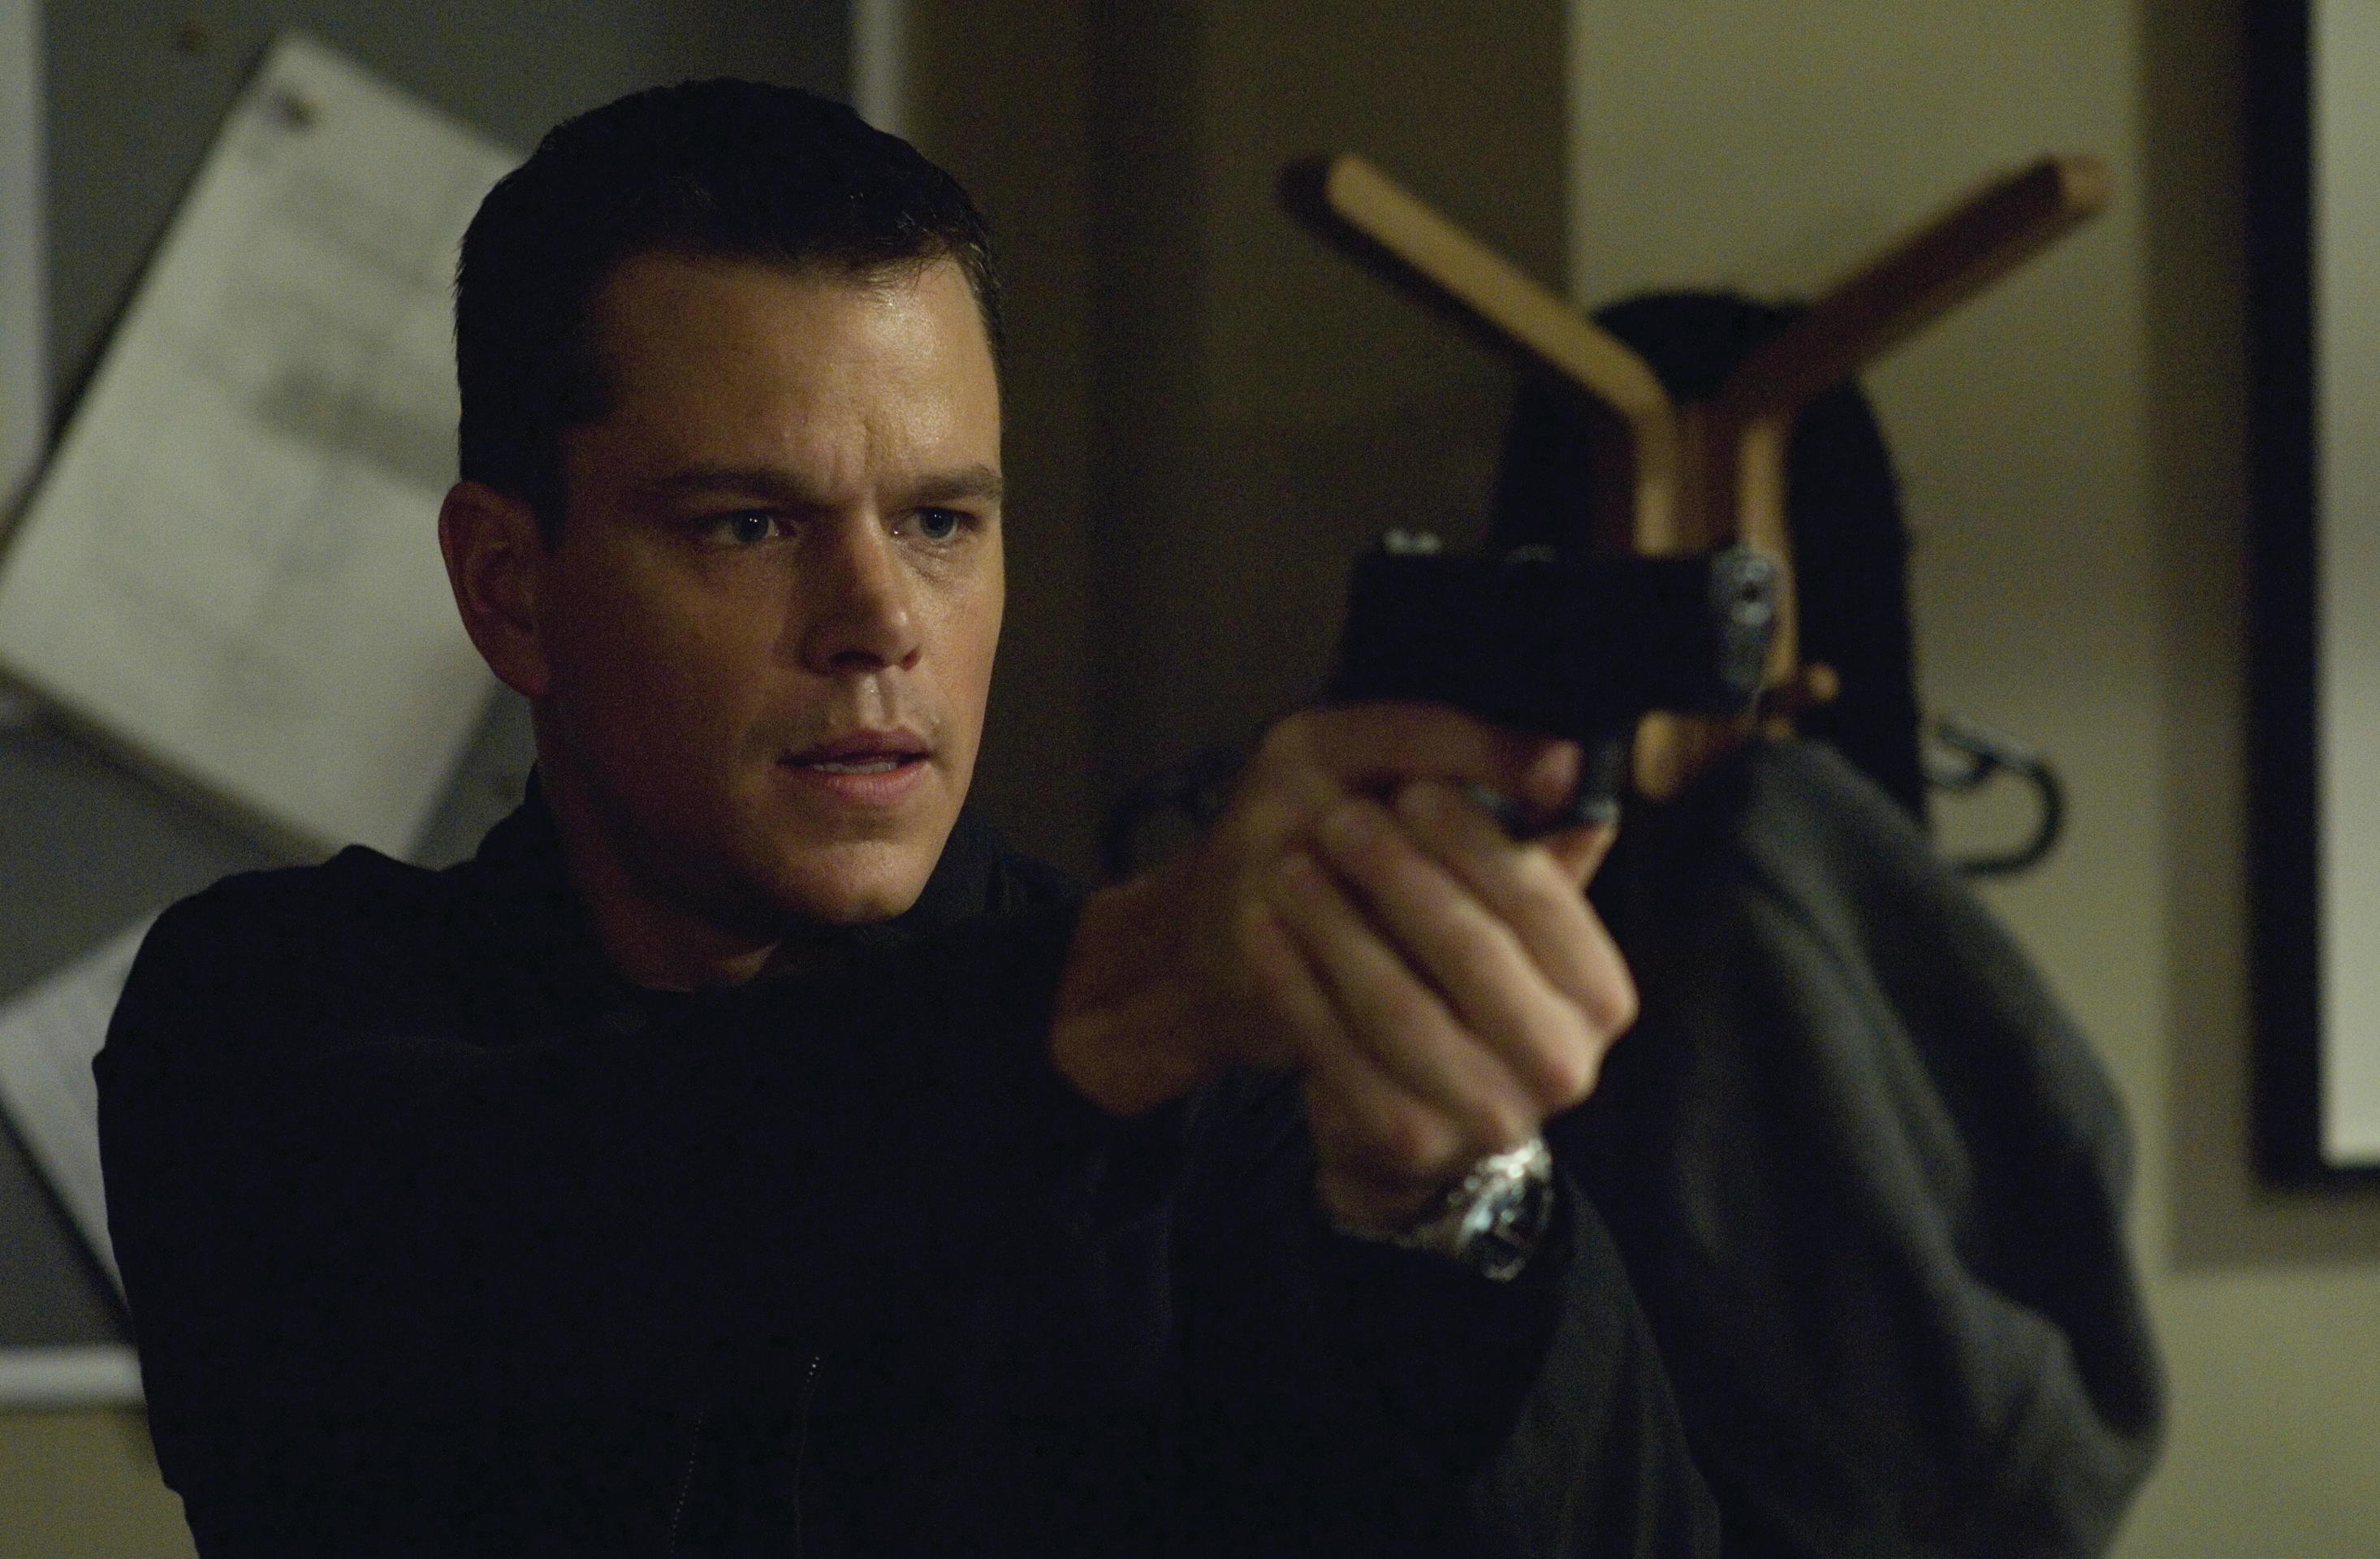 Untitled Jeremy Renner/Bourne Sequel Backgrounds